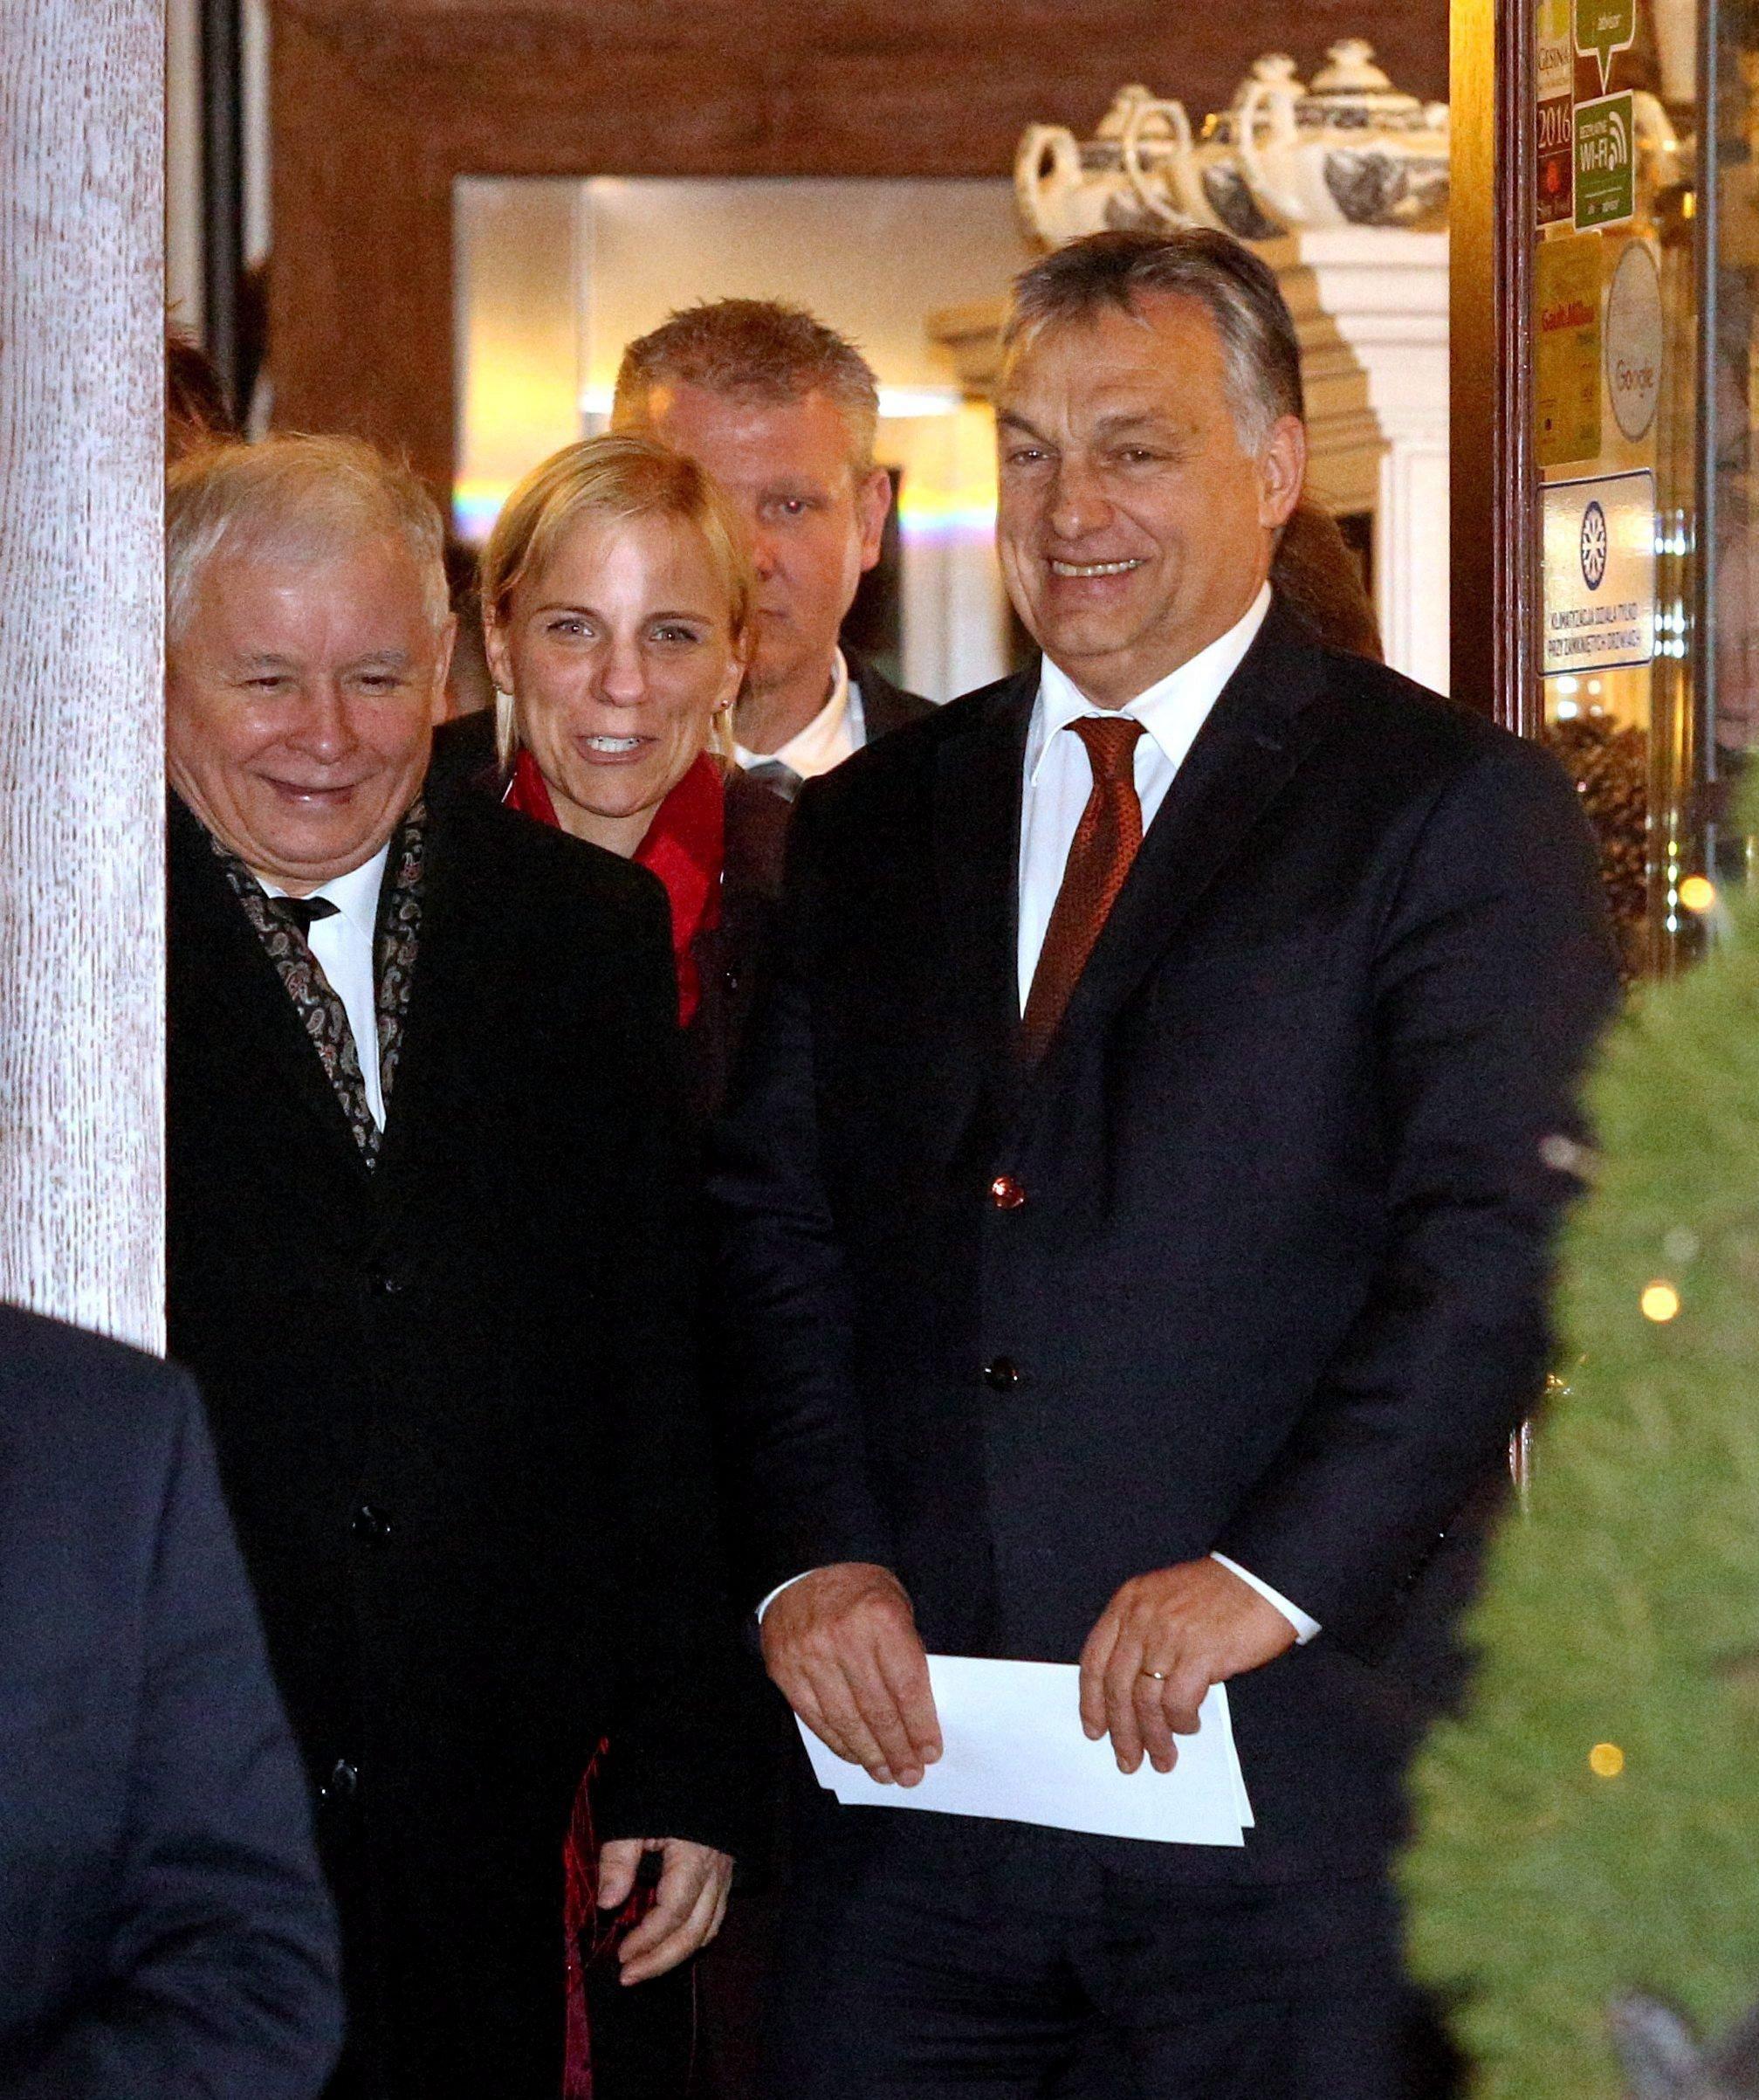 Egy krakkói étteremben mélyült tovább Kaczynski és Orbán Európa jövőjéről